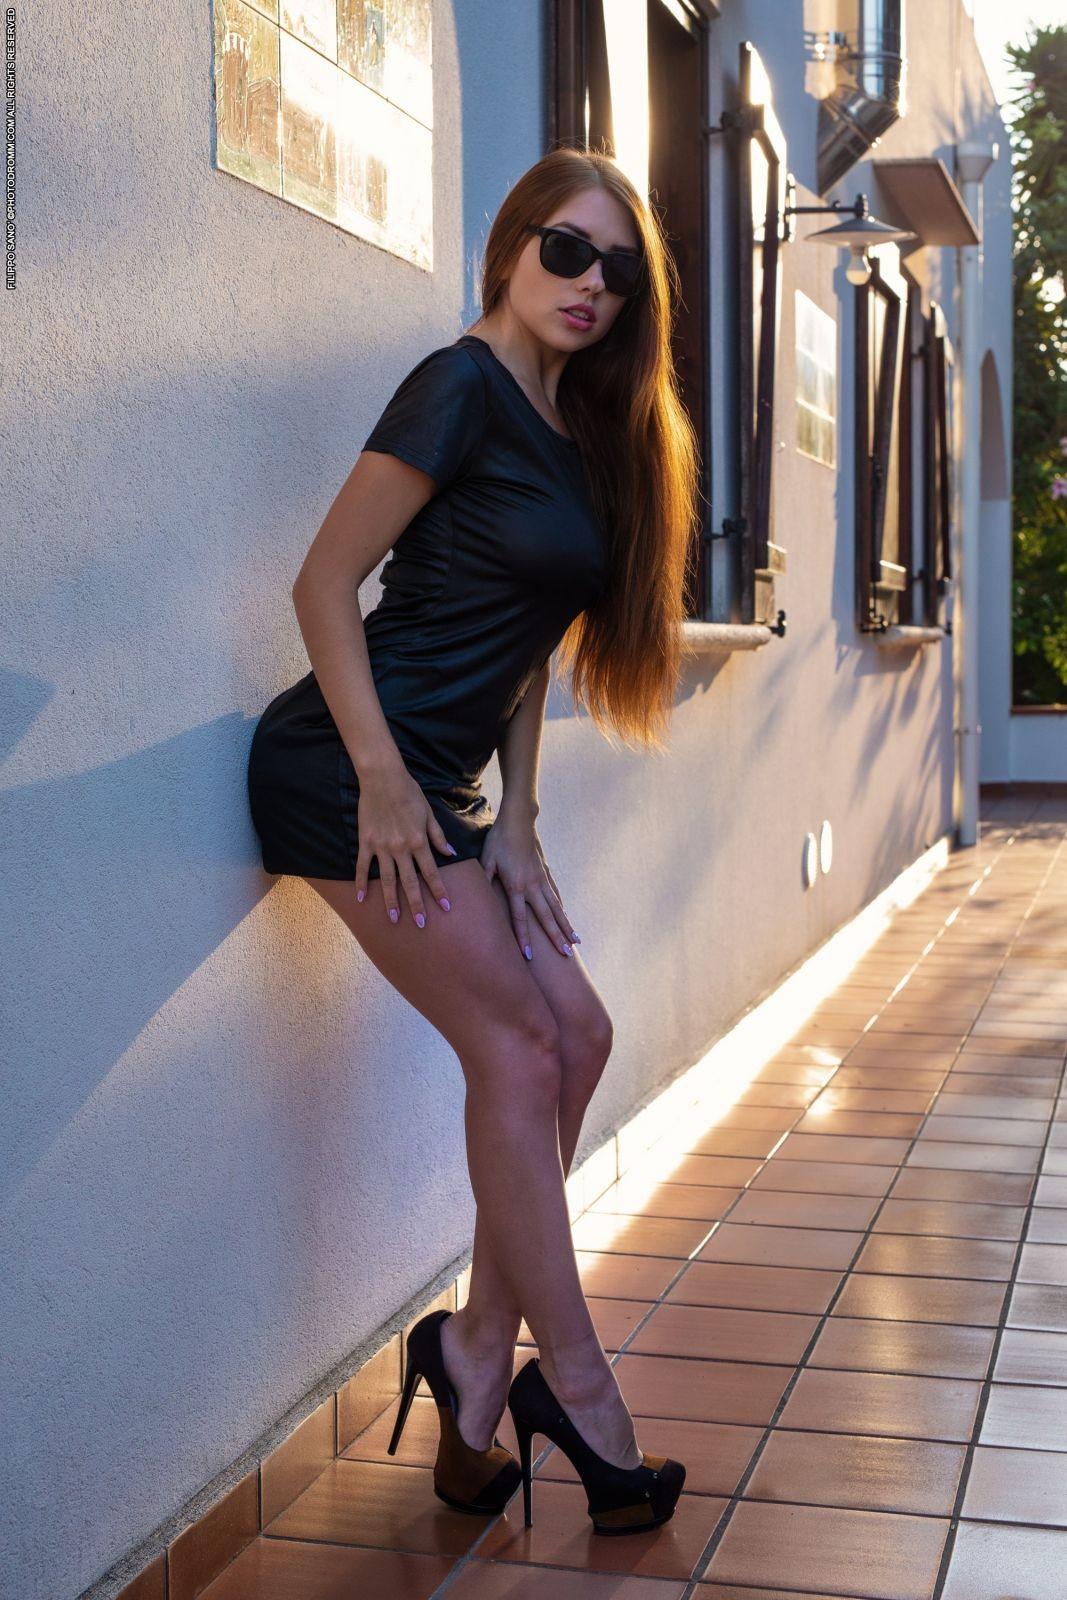 Аппетитная девушка в платье и туфлях - фото